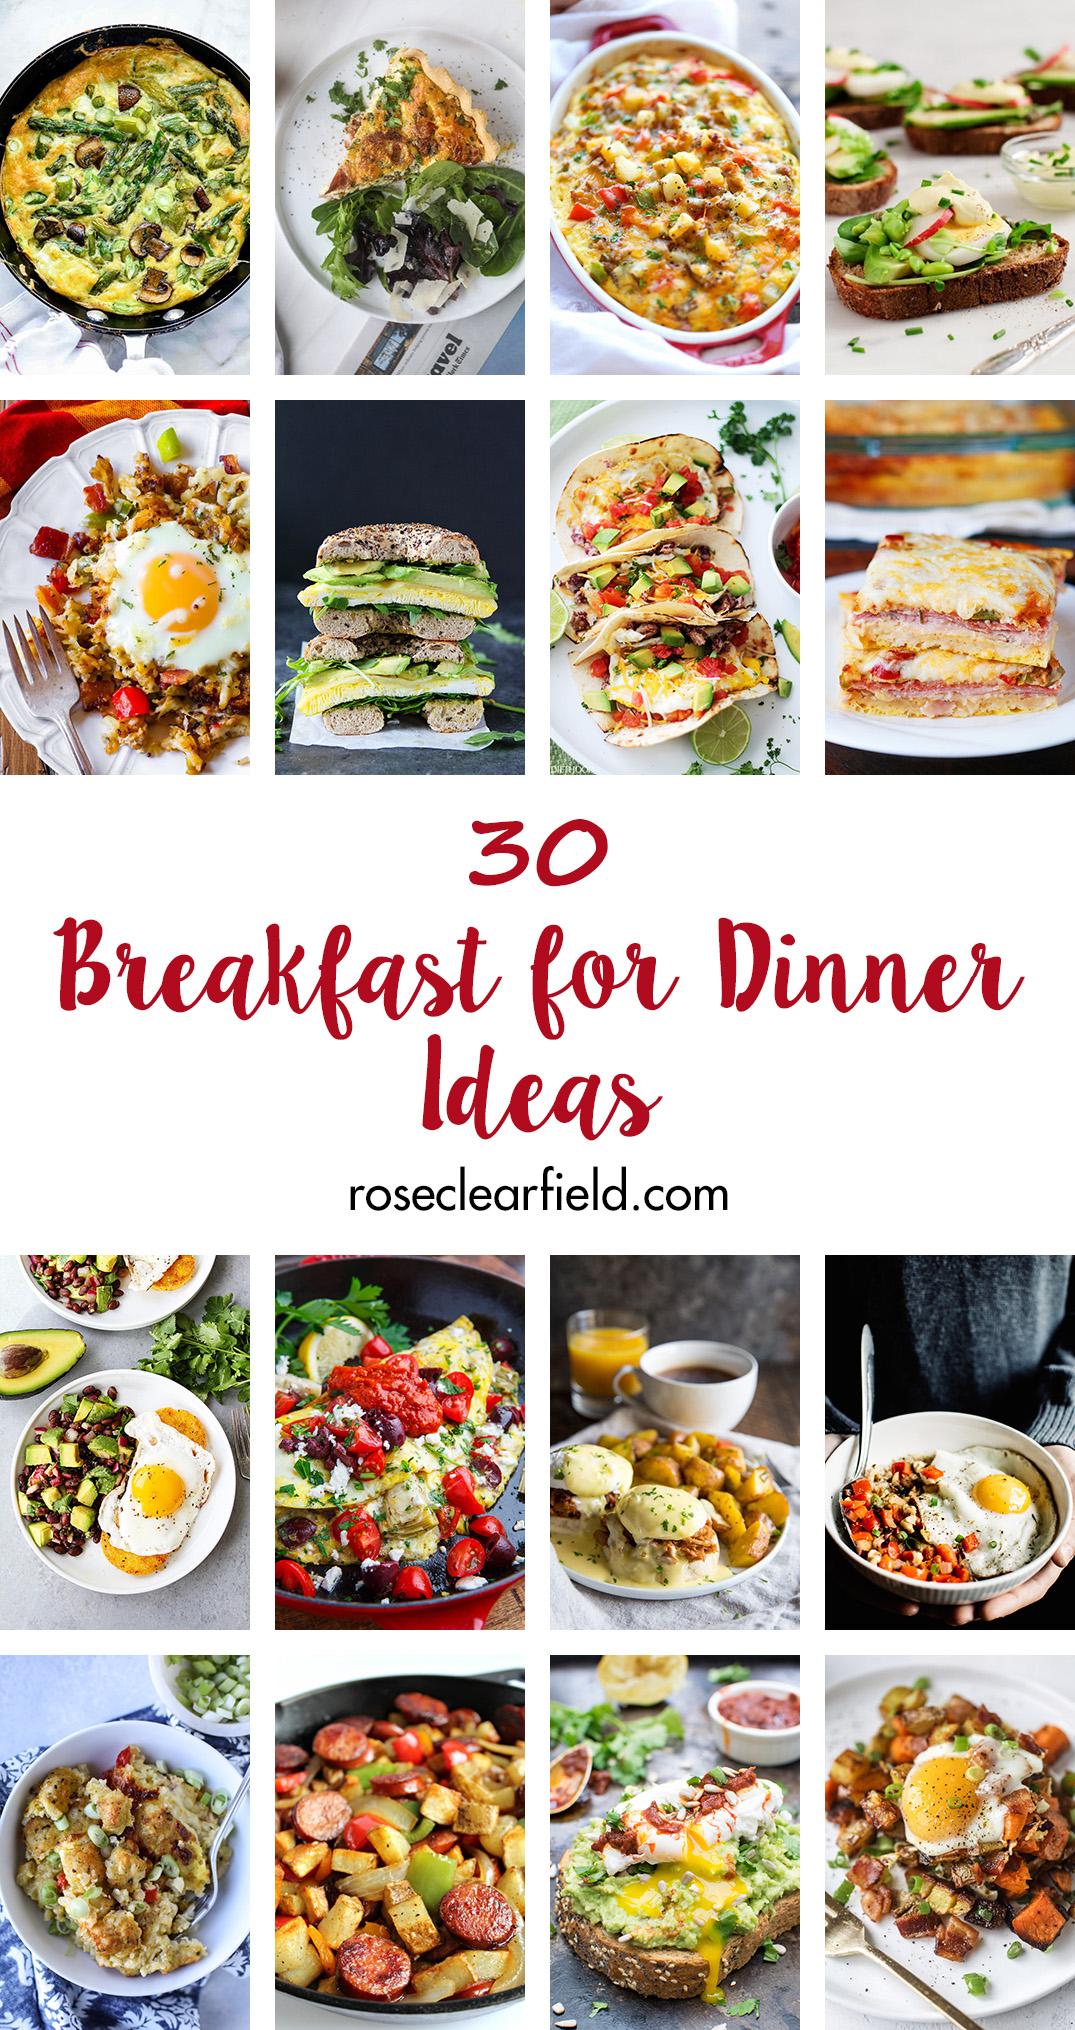 30 Breakfast for Dinner Ideas | http://www.roseclearfield.com